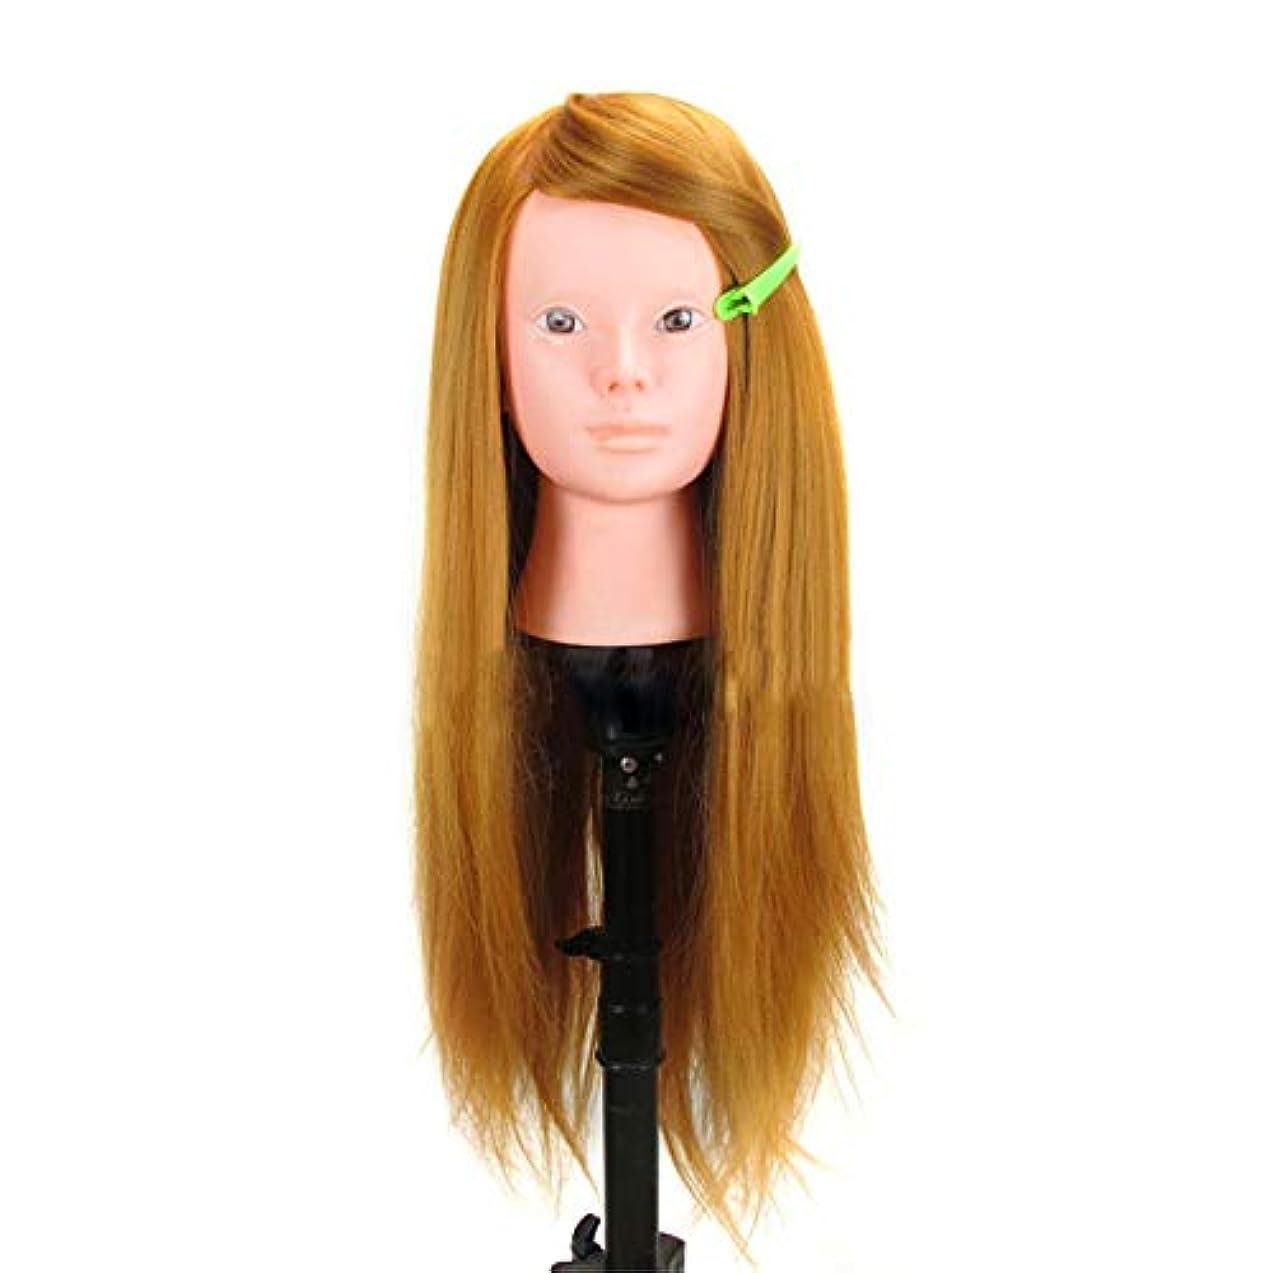 マインドフルペイン森高温ワイヤーヘアティーチングヘッドパーマ髪織りヘアモデル髪染め理髪ダミーヘッドモデル